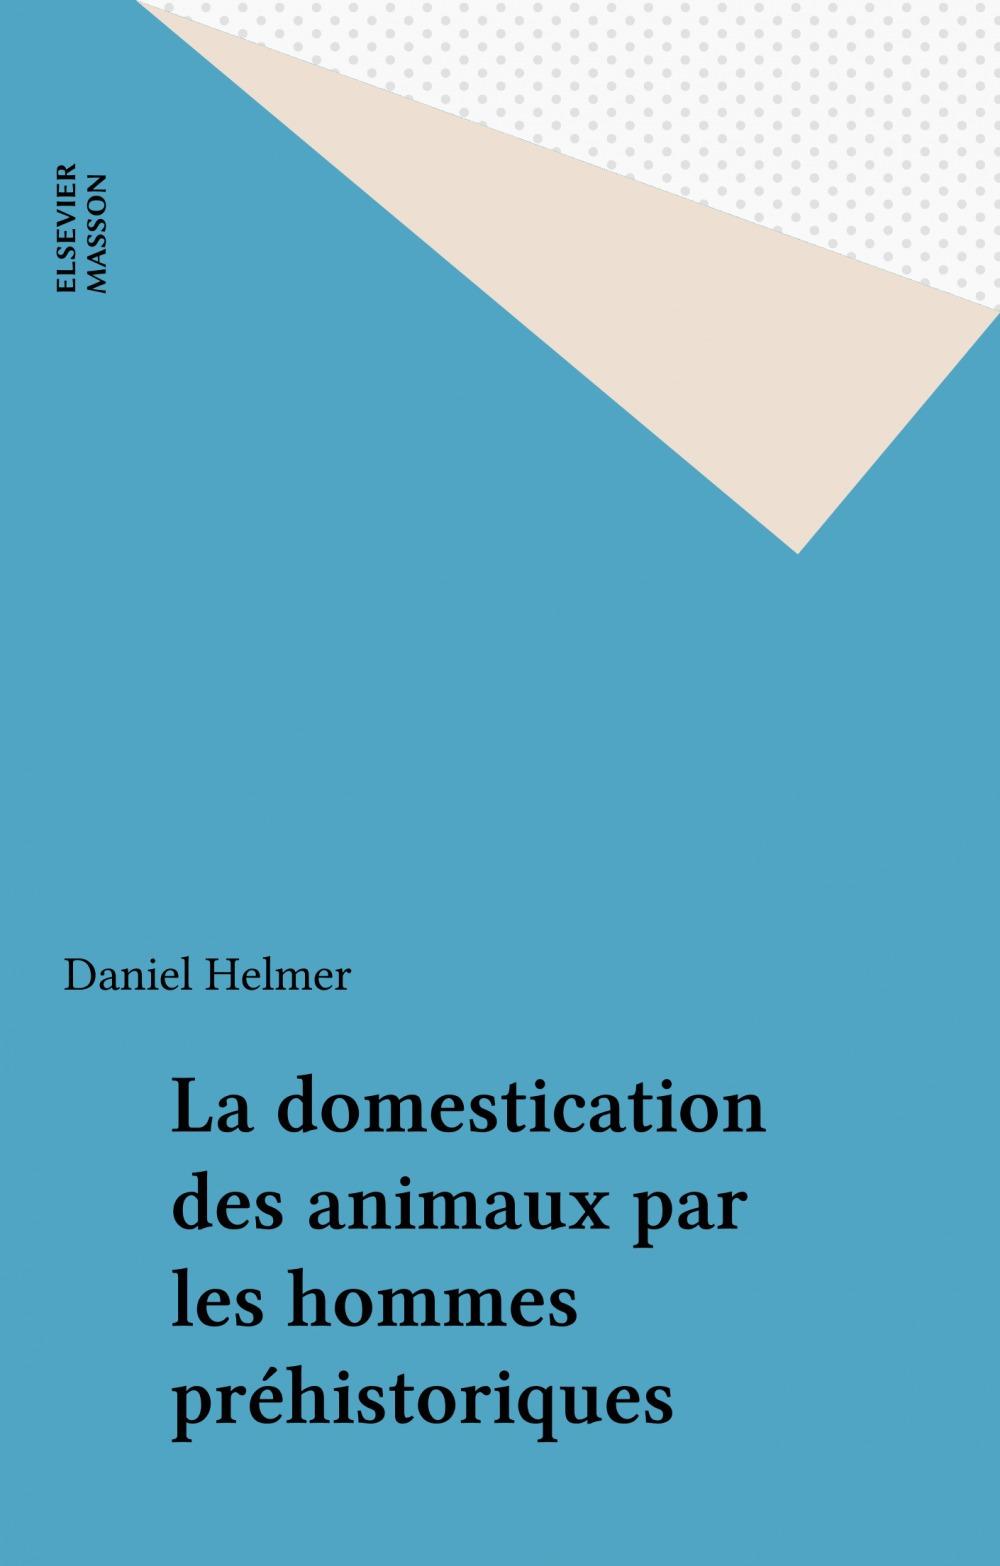 Daniel Helmer La domestication des animaux par les hommes préhistoriques